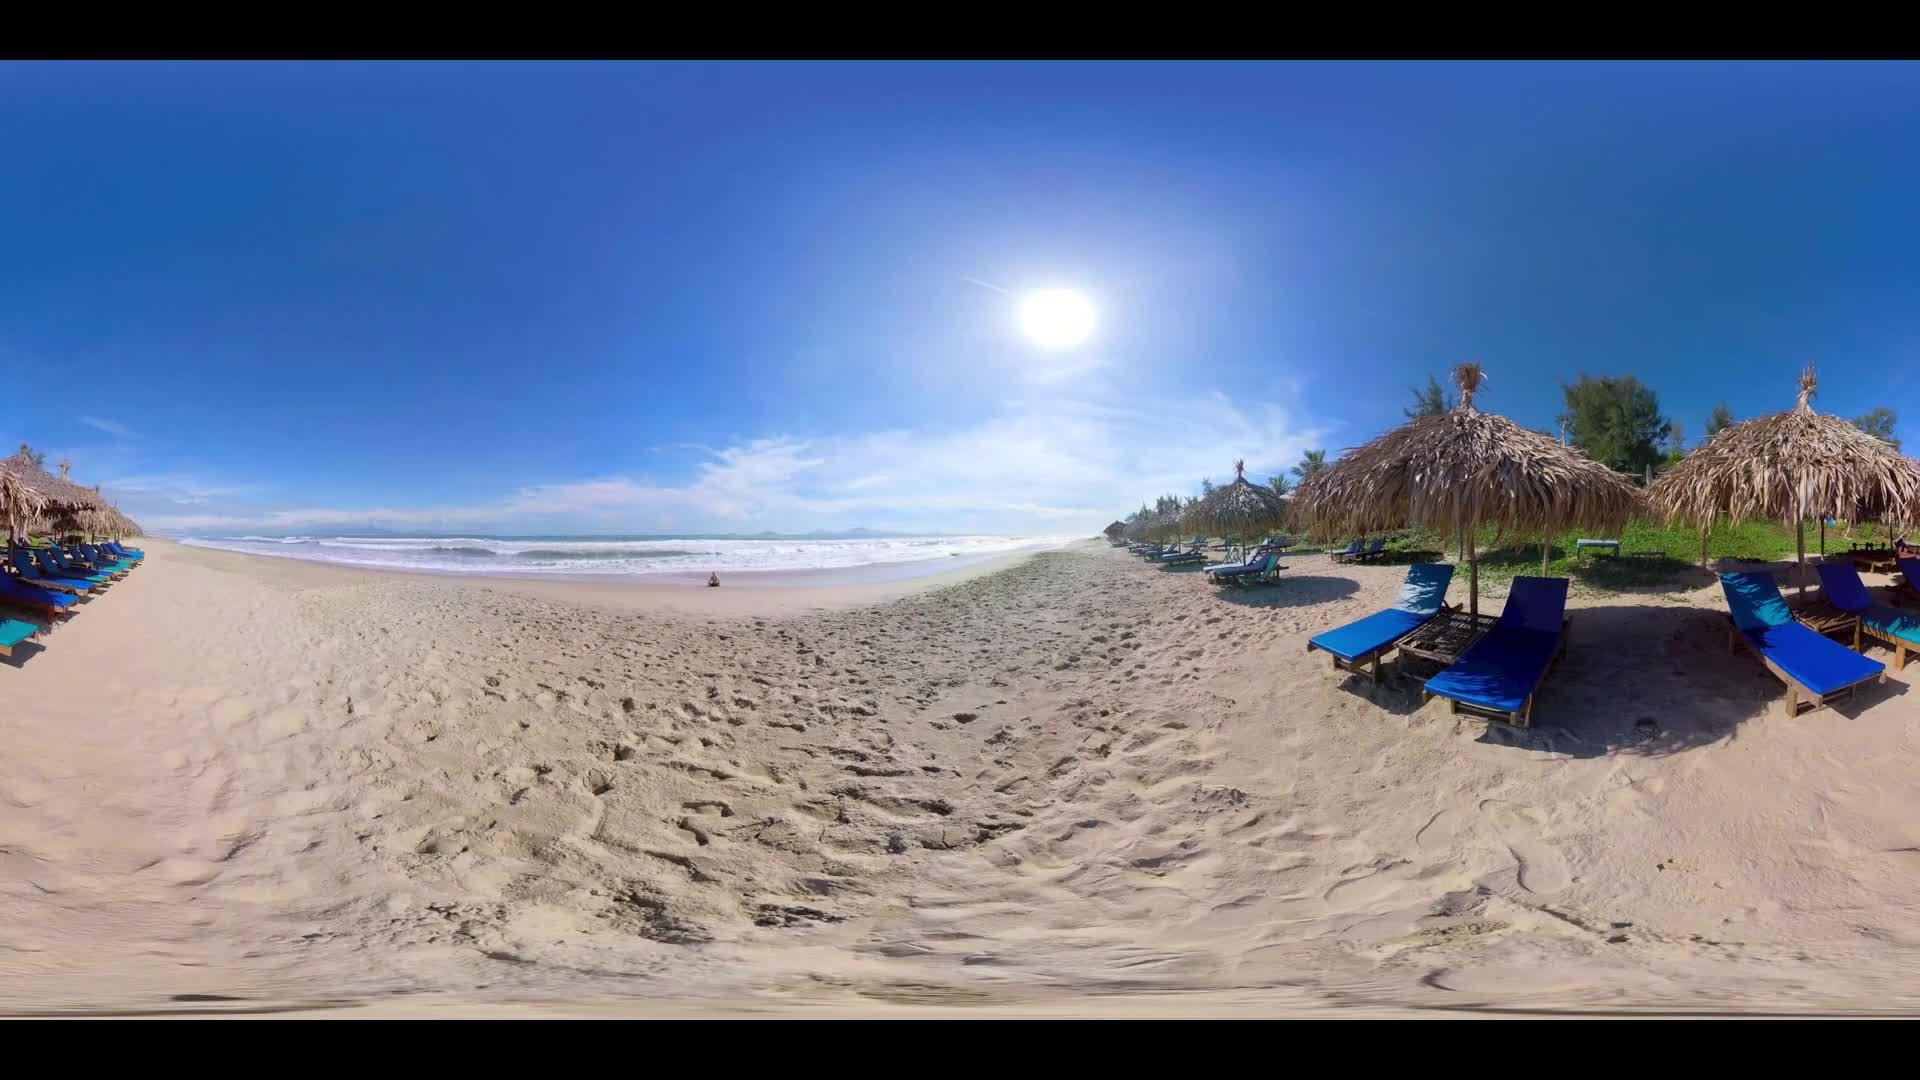 Vietnam Beach 360 VR